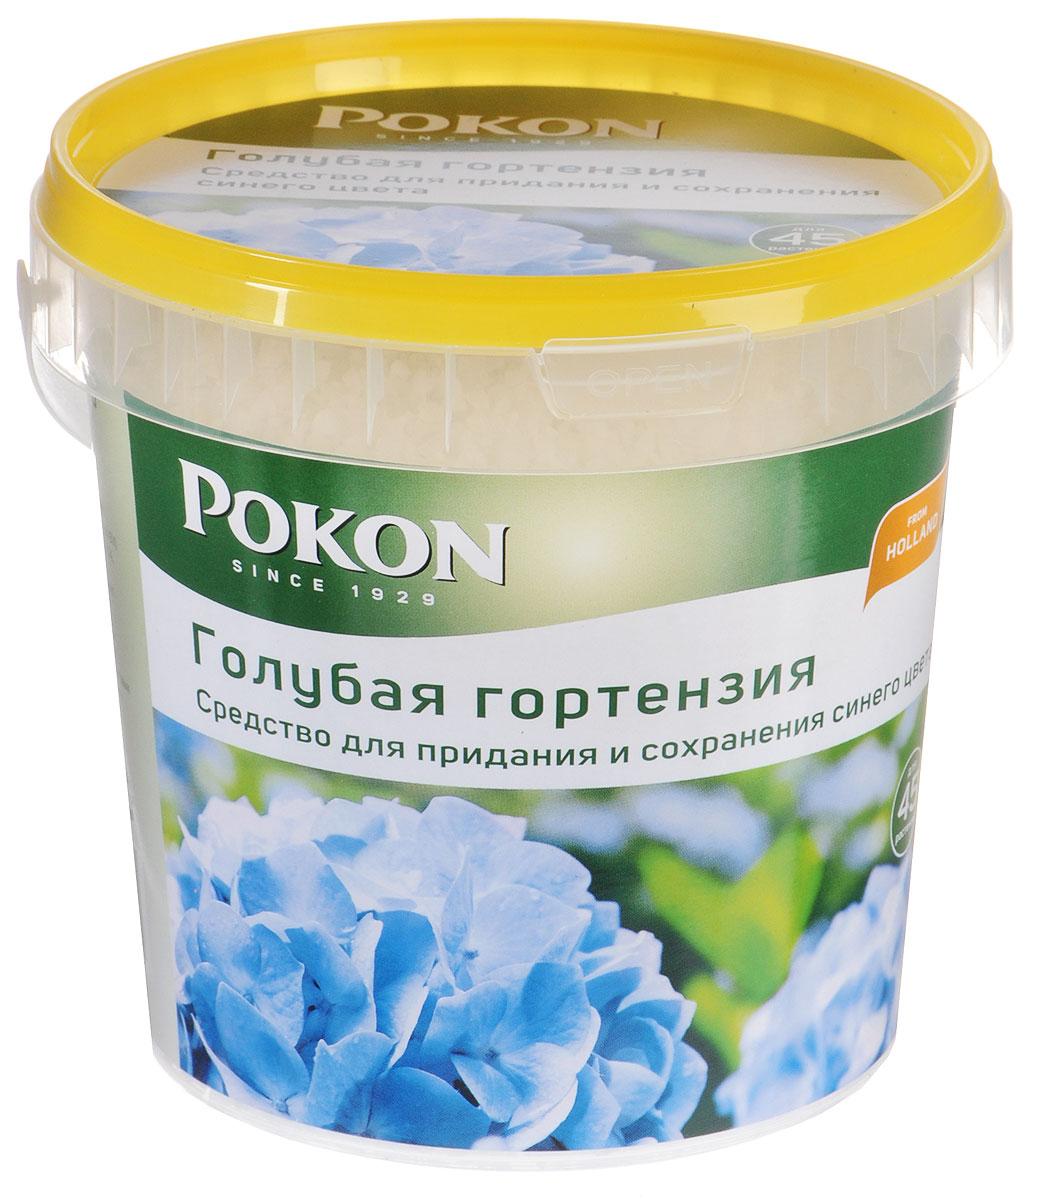 Средство для придания и сохранения синего цвета Pokon Голубая гортензия, 900 гC0031140Со временем голубые гортензии утрачивают свой цвет и становятся розовыми, если они растут в почве, бедной солями алюминия. У этой проблемы есть решение. Средство Pokon быстро возвращает соцветиям голубой гортензии яркий и насыщенный цвет. Инструкция по применению:- Отмерьте нужное количество мерной крышечкой (15-20 г на 1 растение, в зависимости от размера).- Растворите средство в воде для полива (10 г на 1 л воды).- Полейте растения.- Не применяйте при температуре воздуха выше +15°С.- Используйте с июля по сентябрь.Состав: на основе сульфата алюминия - Al2(SO4)3.Средство по уходу за растениями соответствует нормам ЕС.Товар сертифицирован.